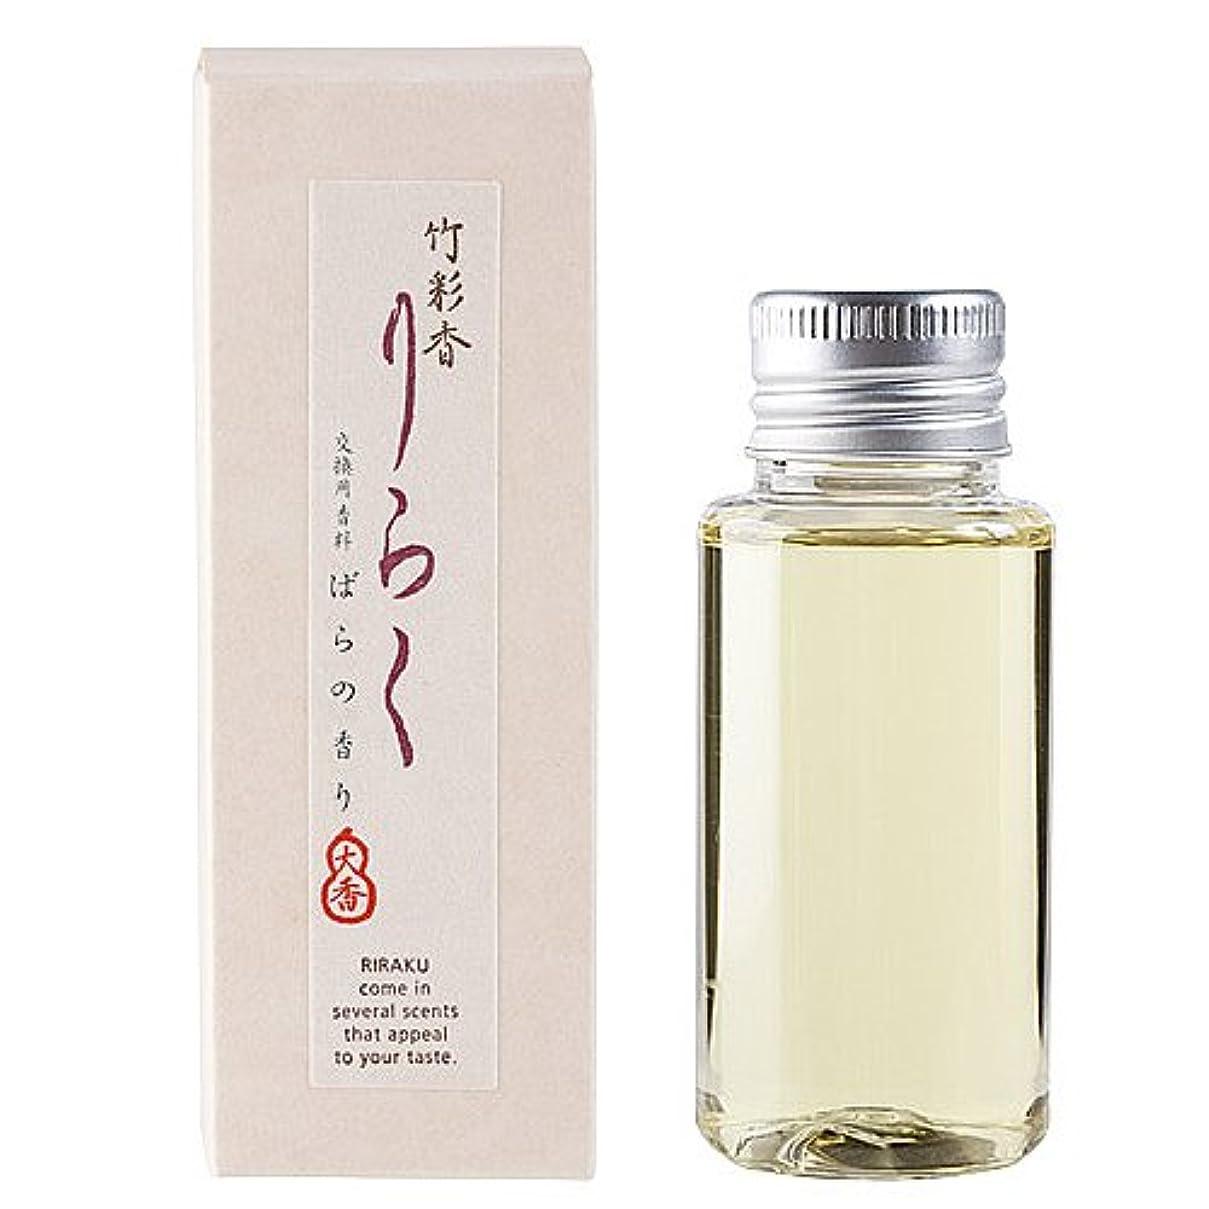 確実タイピスト調整可能竹彩香りらく 交換用香料ばら 50ml